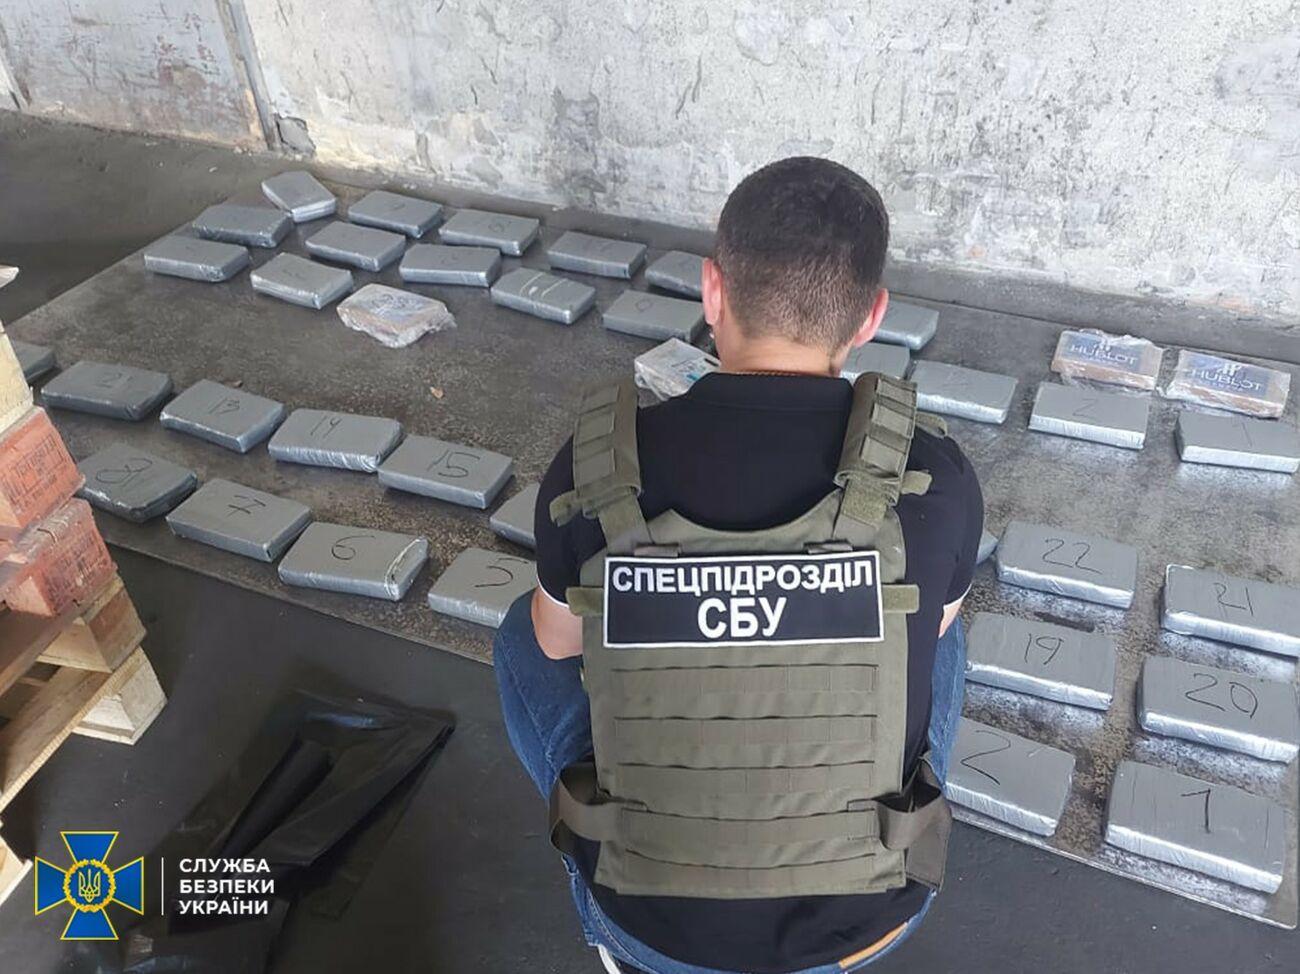 46 брикетов на 57 килограммов: под Одессой накрыли контрабанду кокаина в бананах